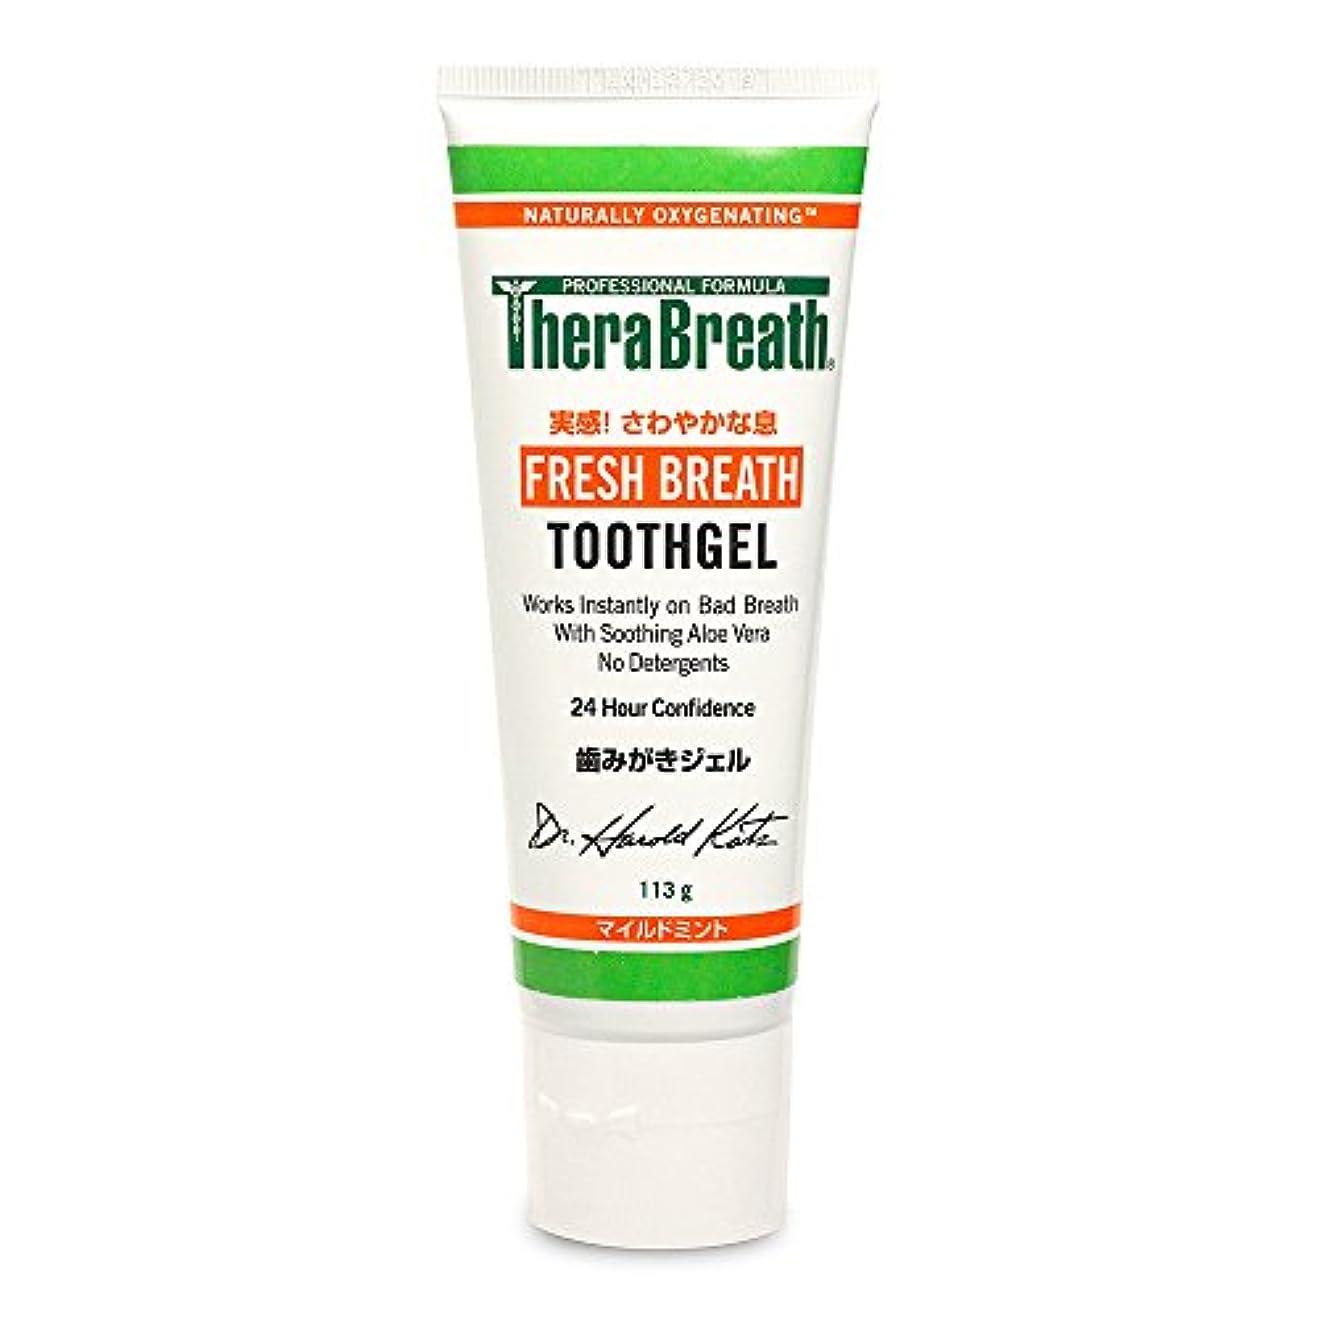 酸素シマウマ愛国的なTheraBreath (セラブレス) セラブレストゥースジェル 113g (正規輸入品) 舌磨き